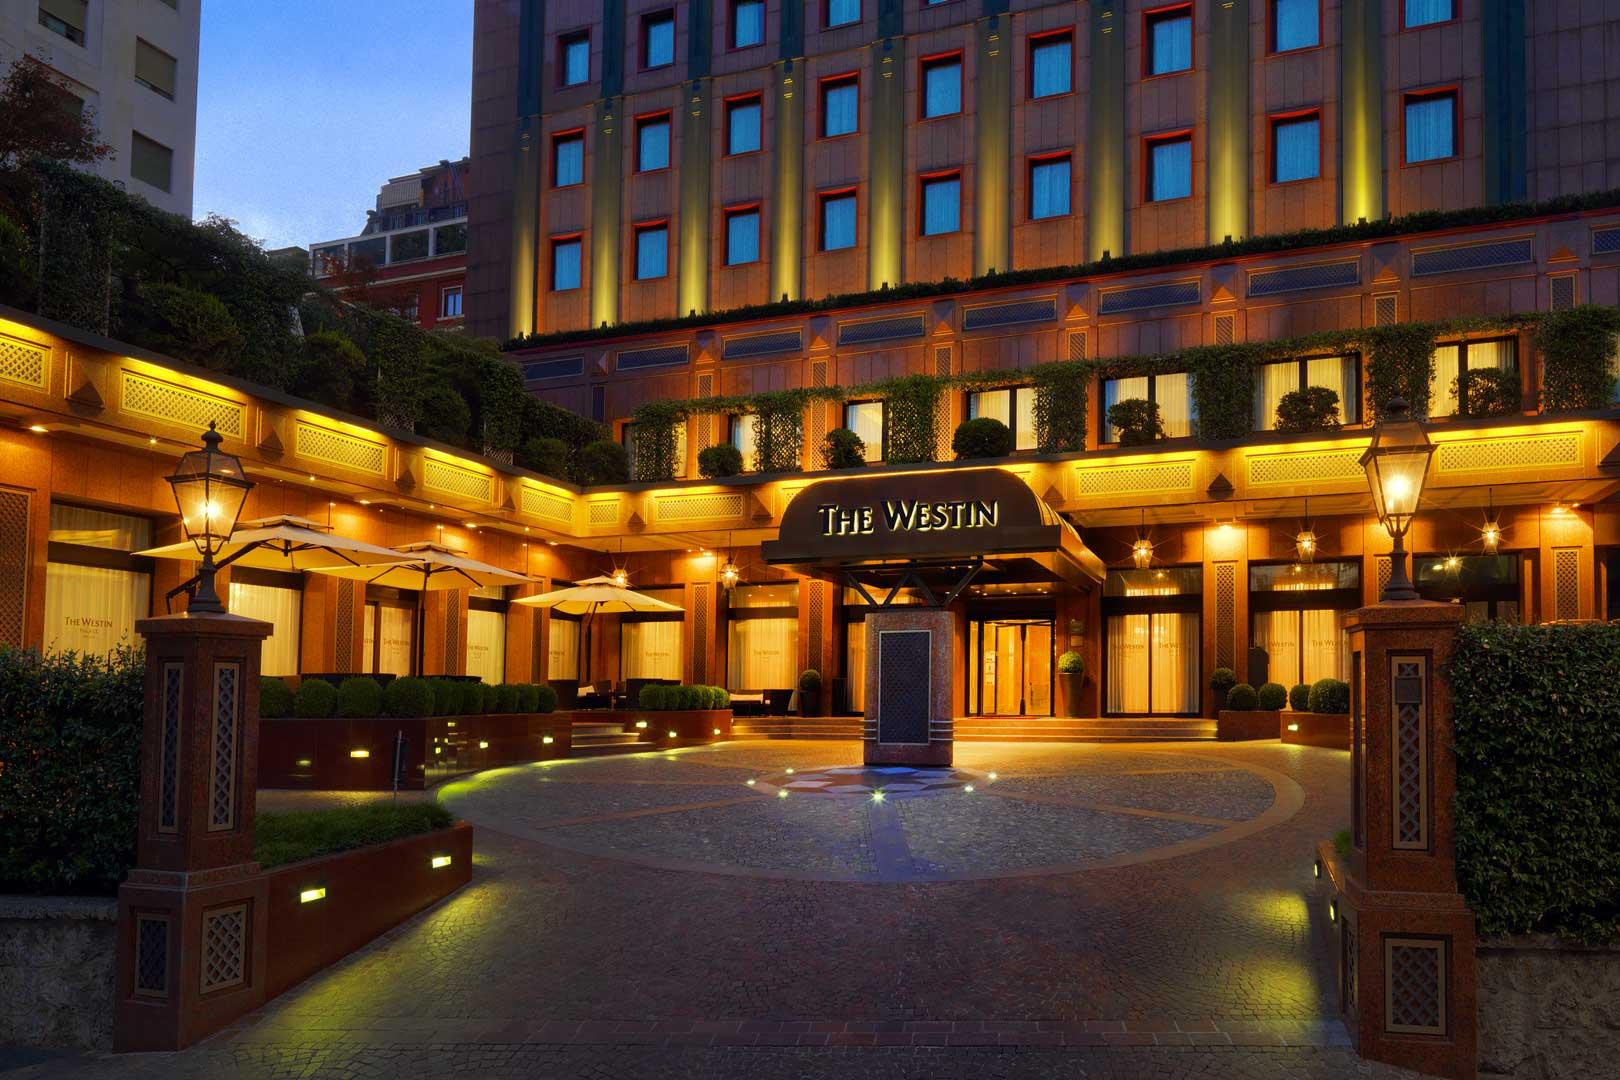 Westin Palace Milan - Hotel Exterior